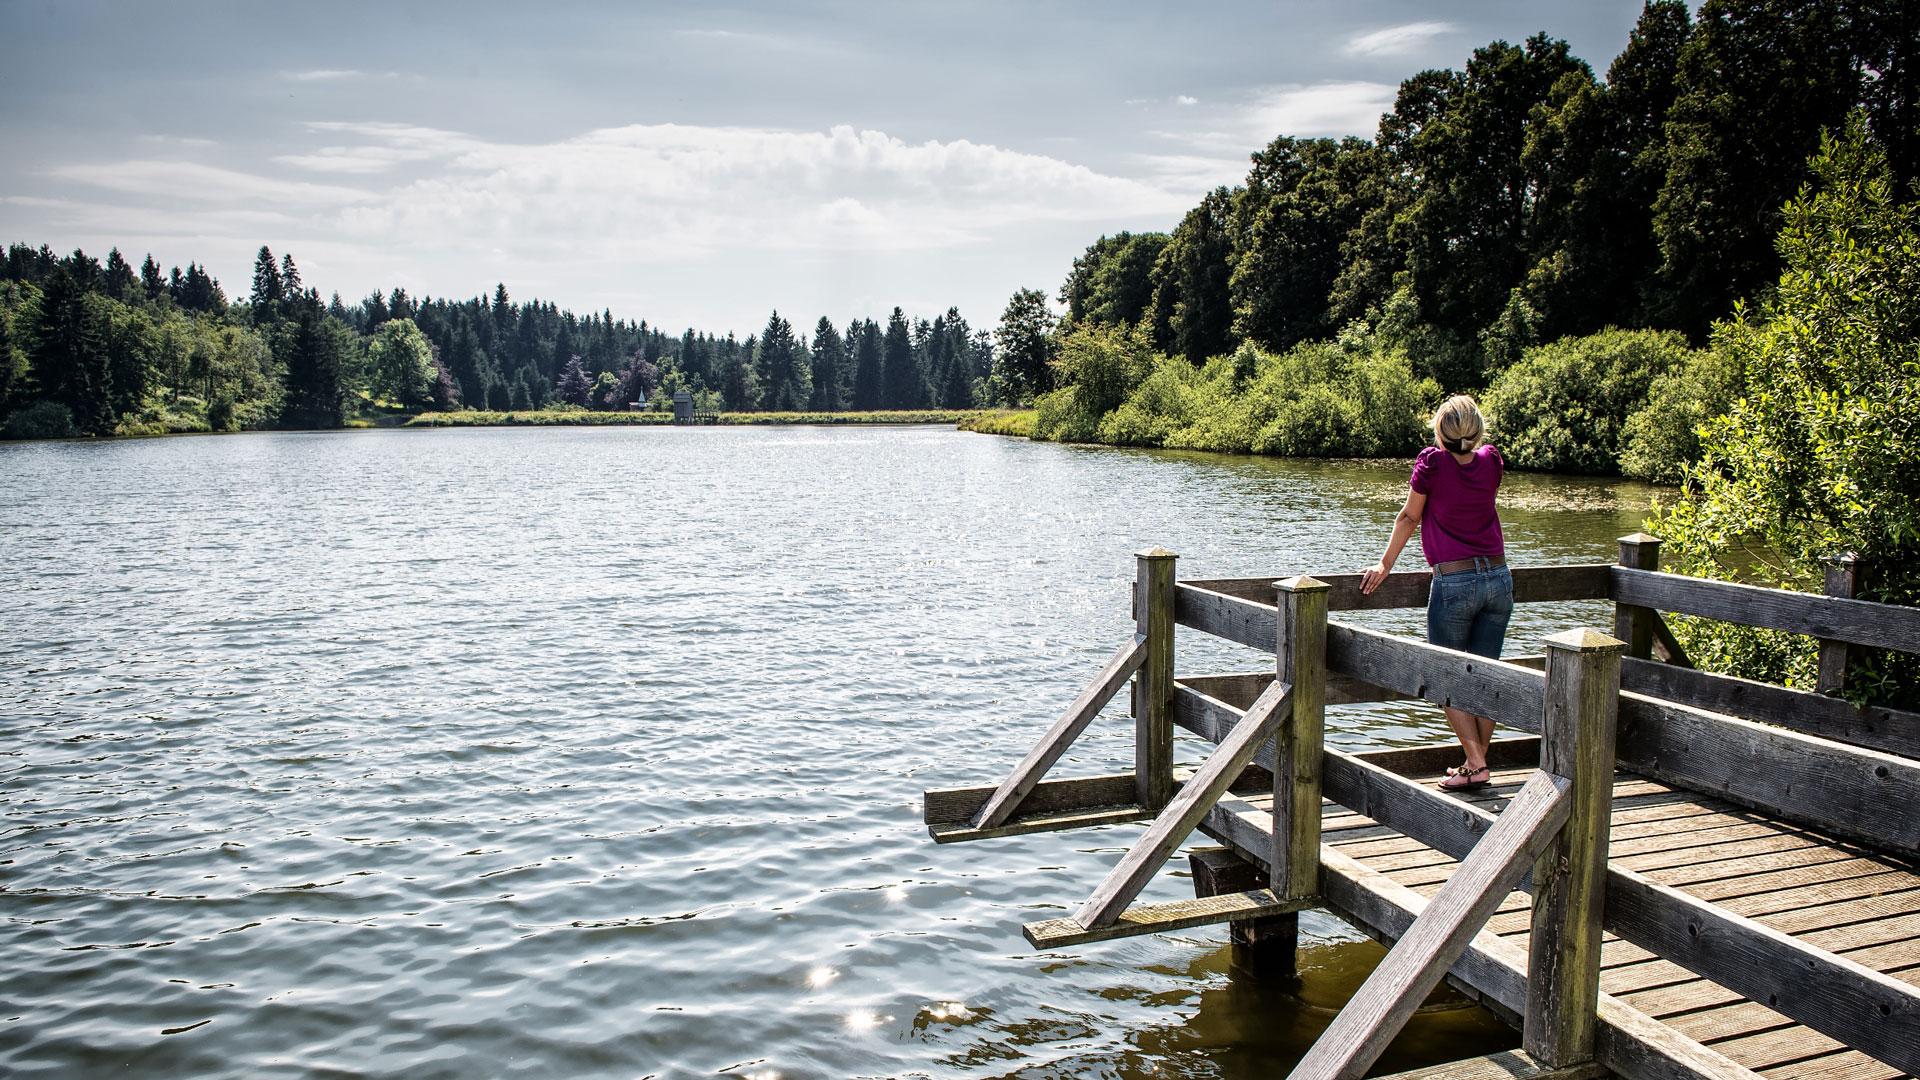 Hahnenklee_Hahnenklee_Tourismus_Marketing_Gmbh_Fotograf_Stefan_Schiefer-Oberharzer-Wasserwirtschaft_web